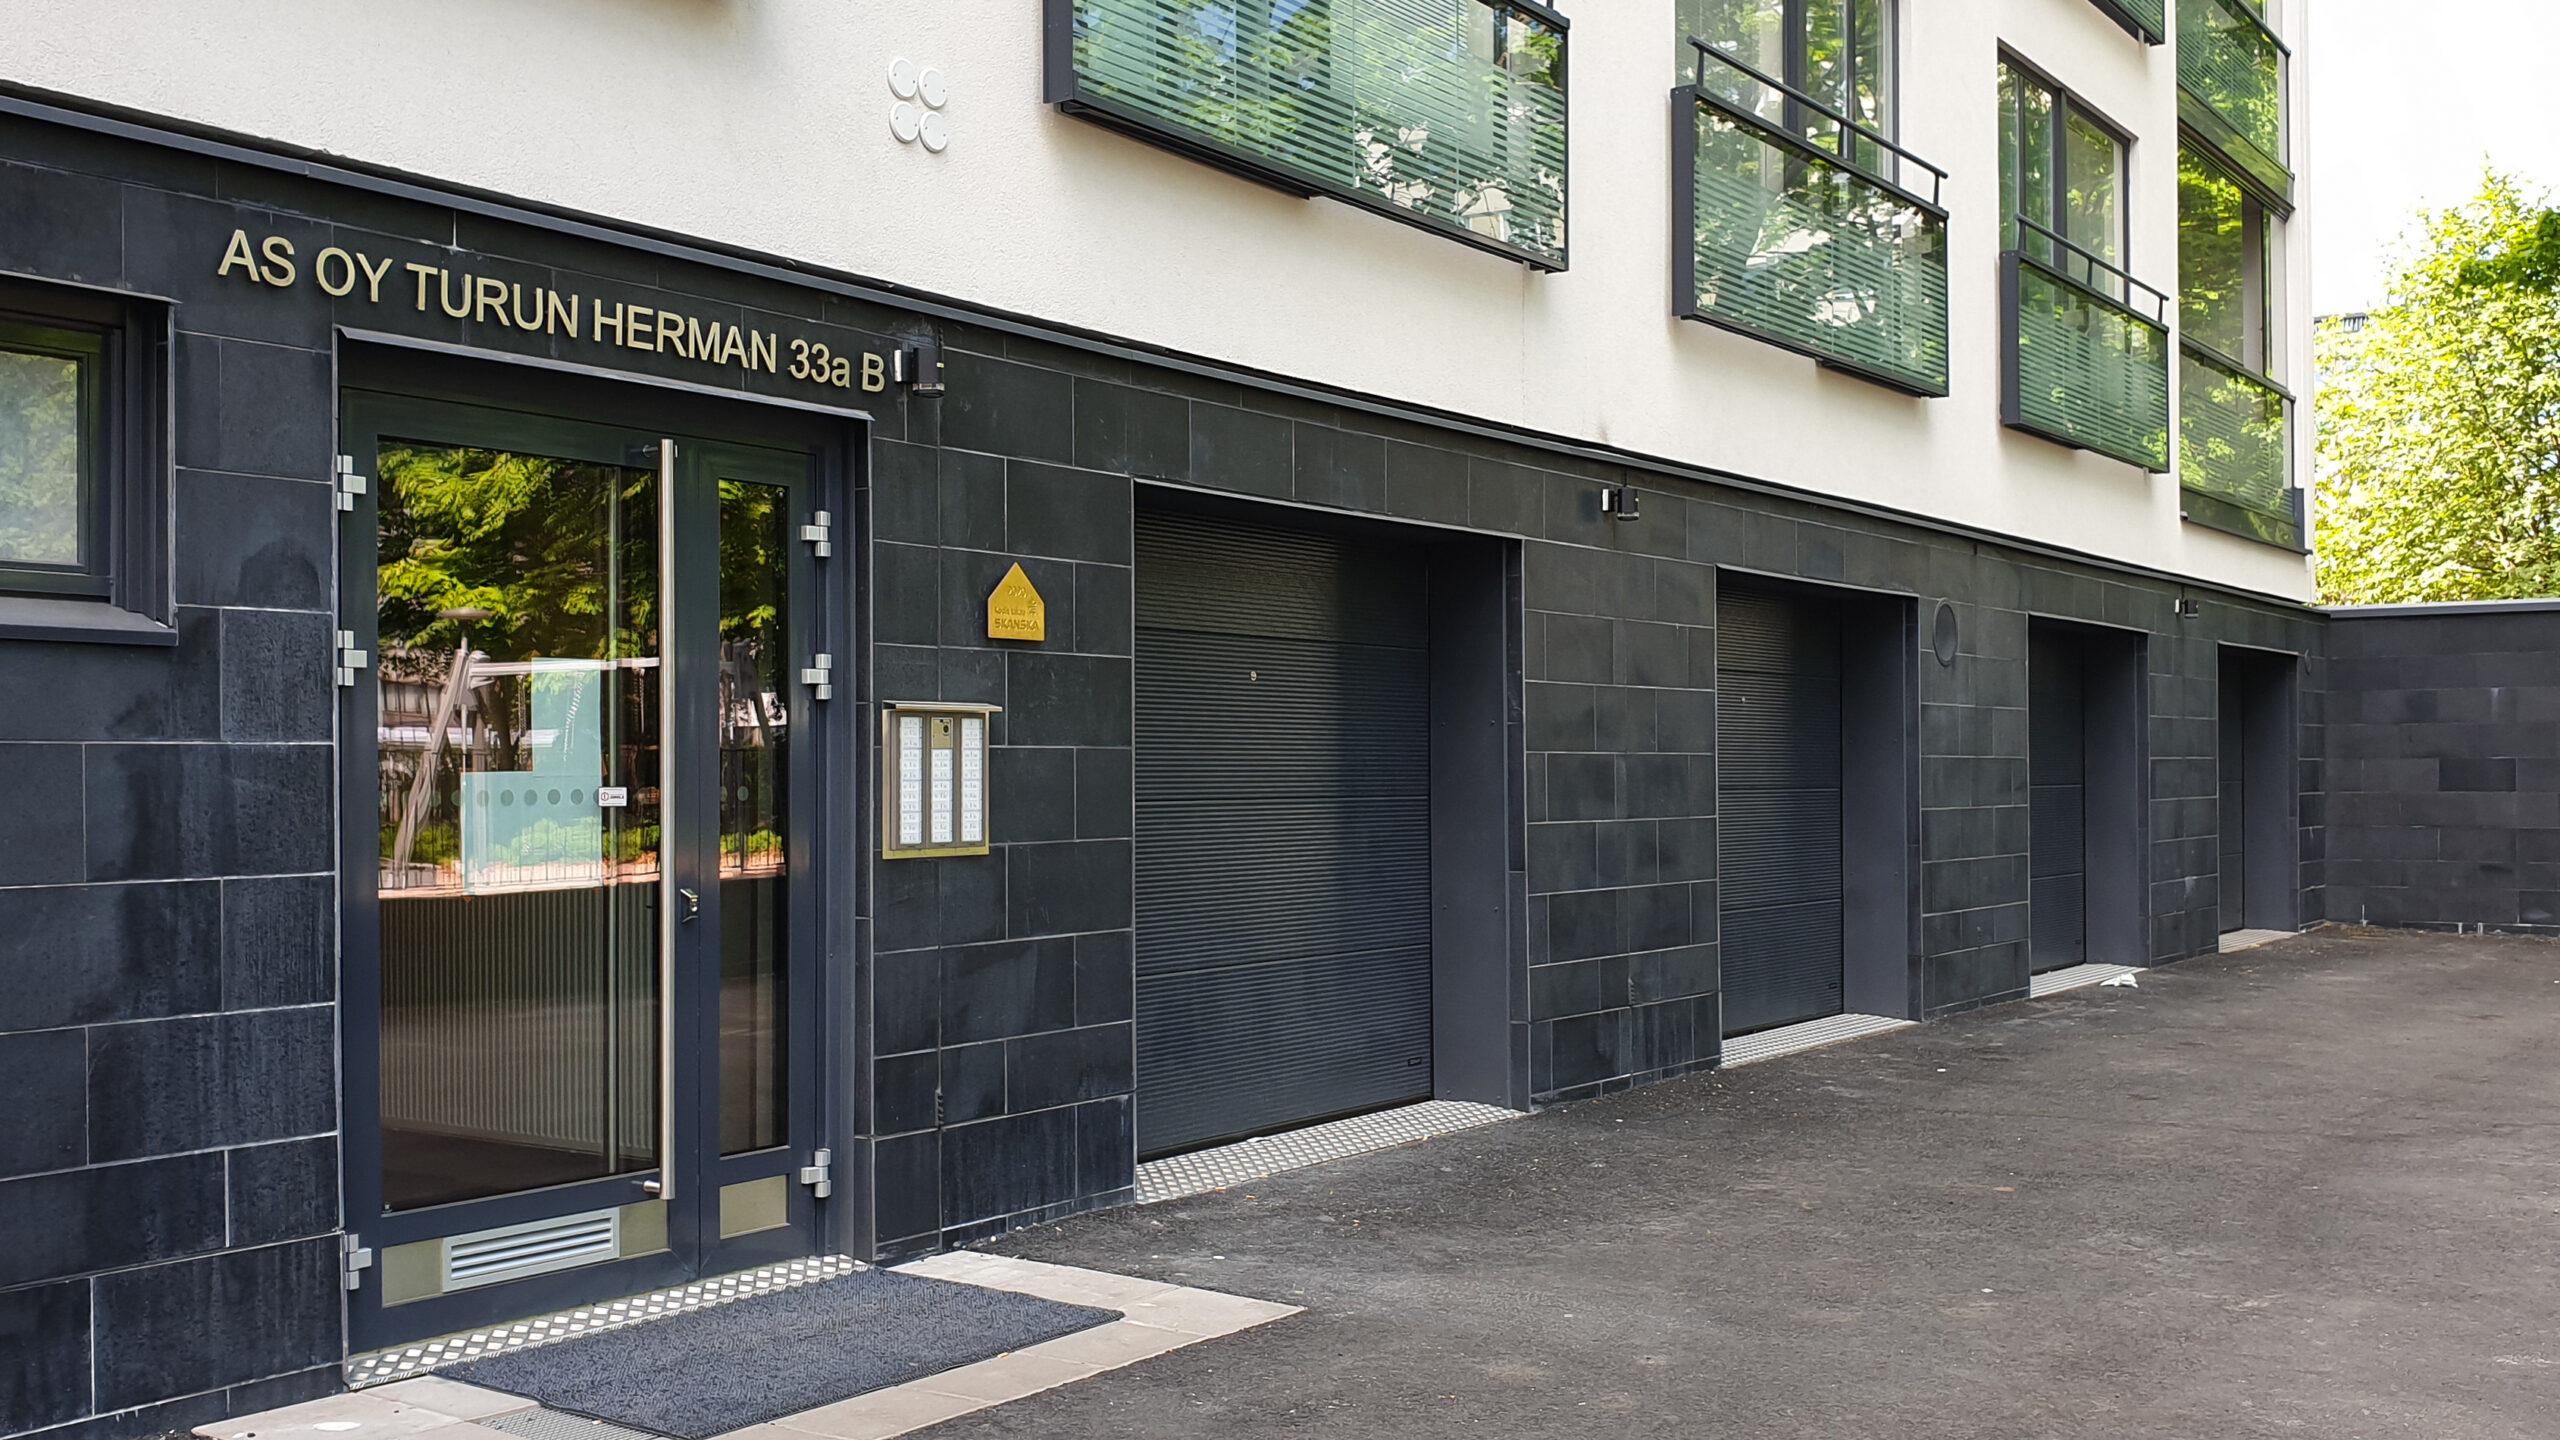 Doorway nosto-ovi DW2 aaltokuvio tumman harmaa lamelli RAL 7016. Autotallin nosto-ovi asunto-osakeyhtiössä. Nosto-ovi kerrostalo.